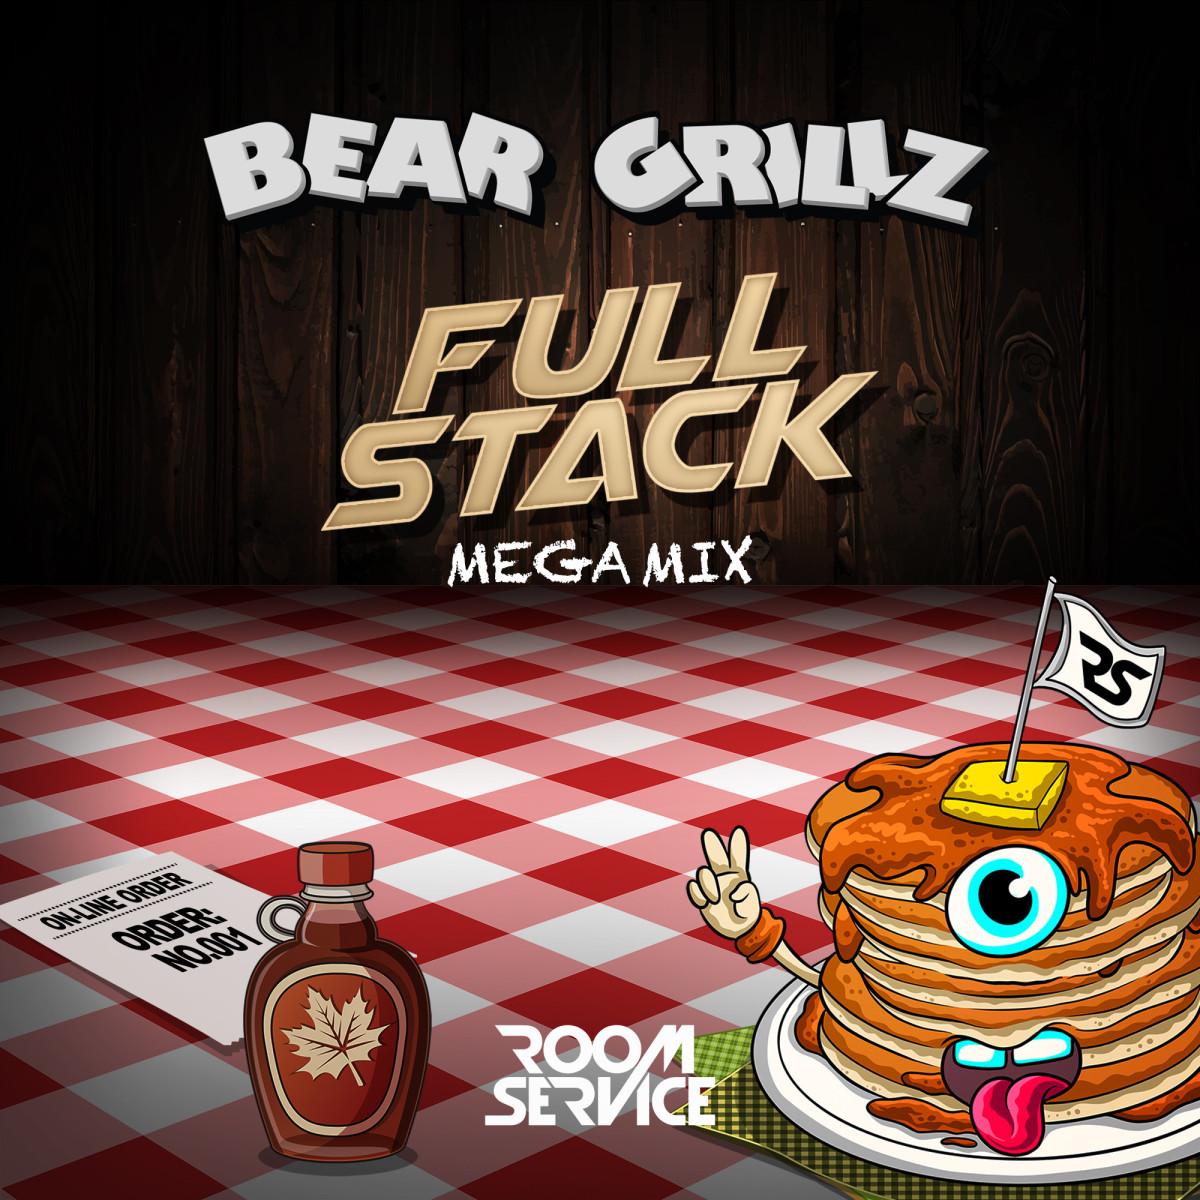 Full Stack_Mega Mix